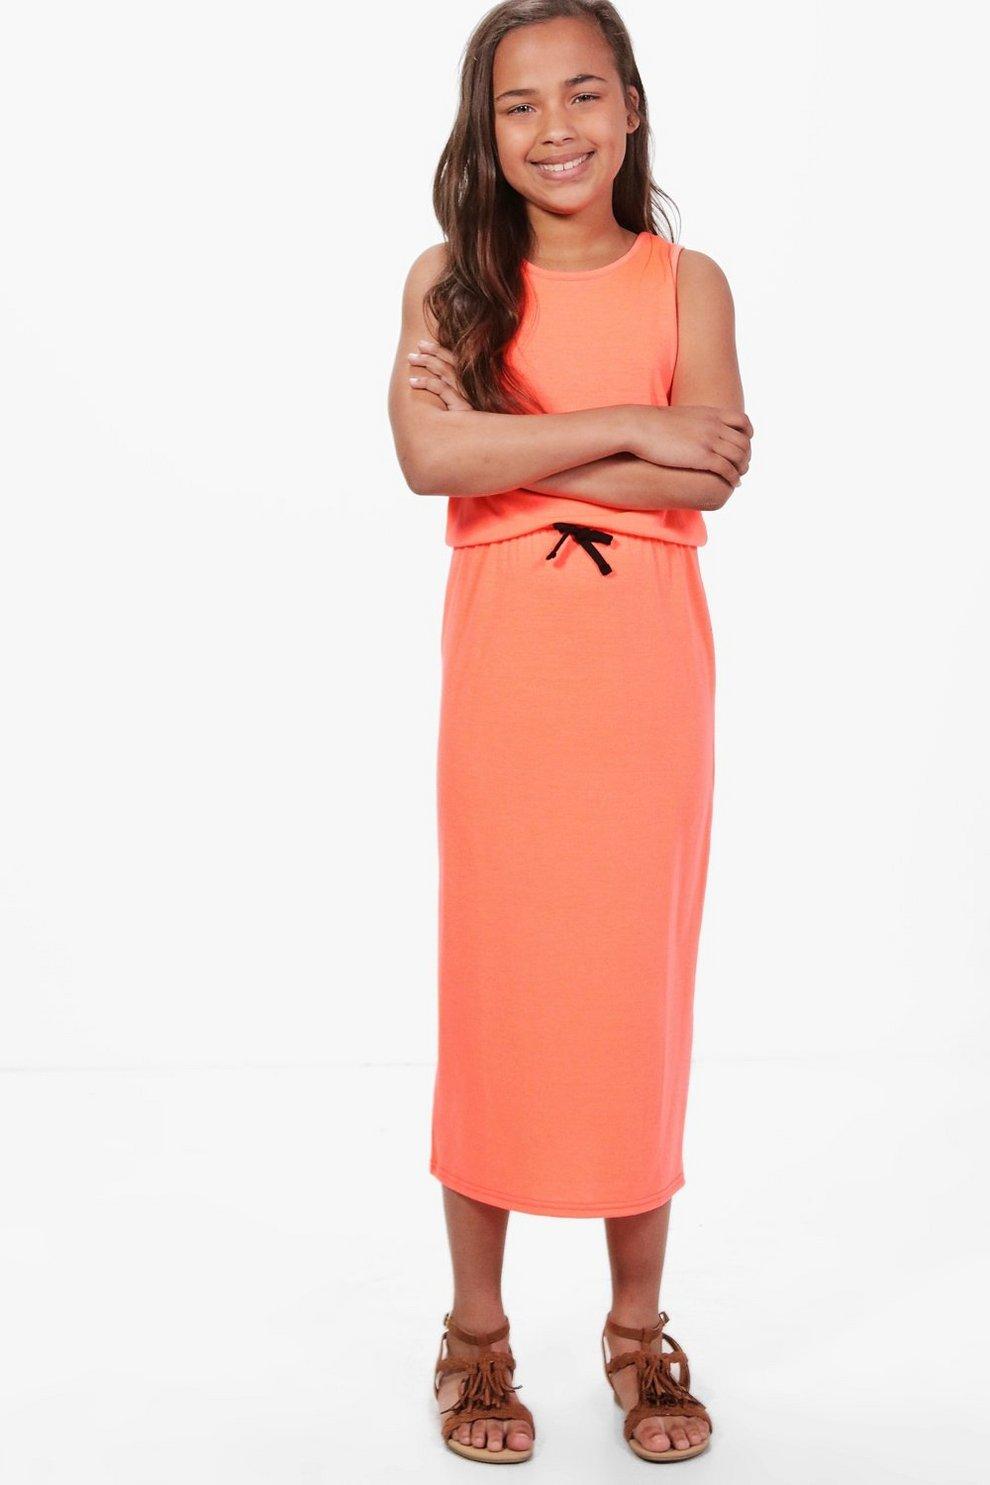 231e088db19 Girls Midi Plain Summer Dress